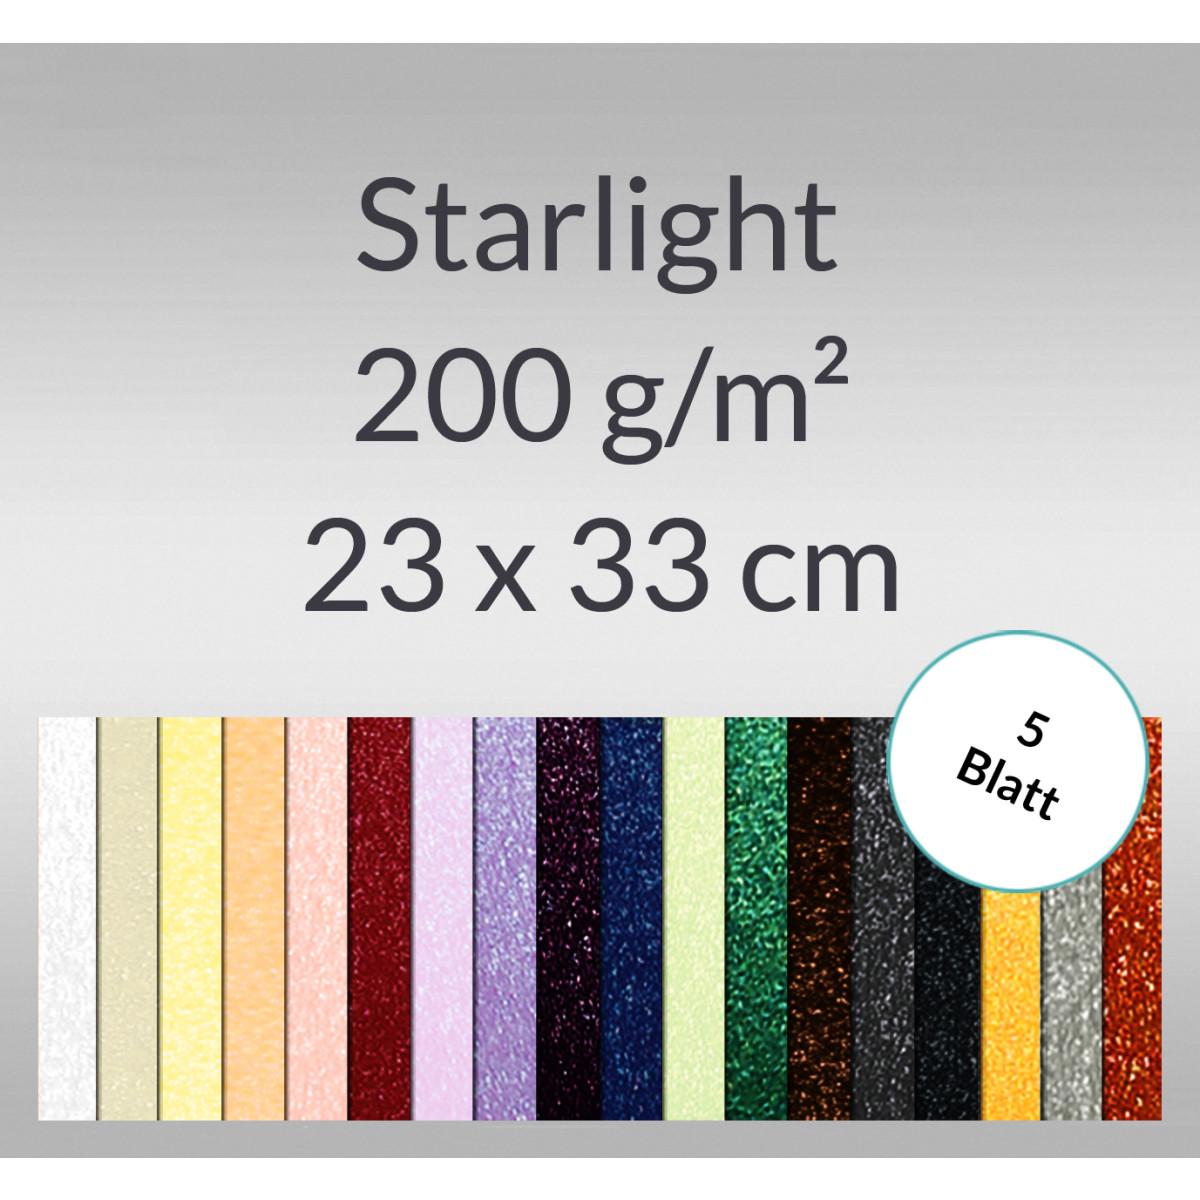 Starlight 200 g/qm 23 x 33 cm - 5 Blatt